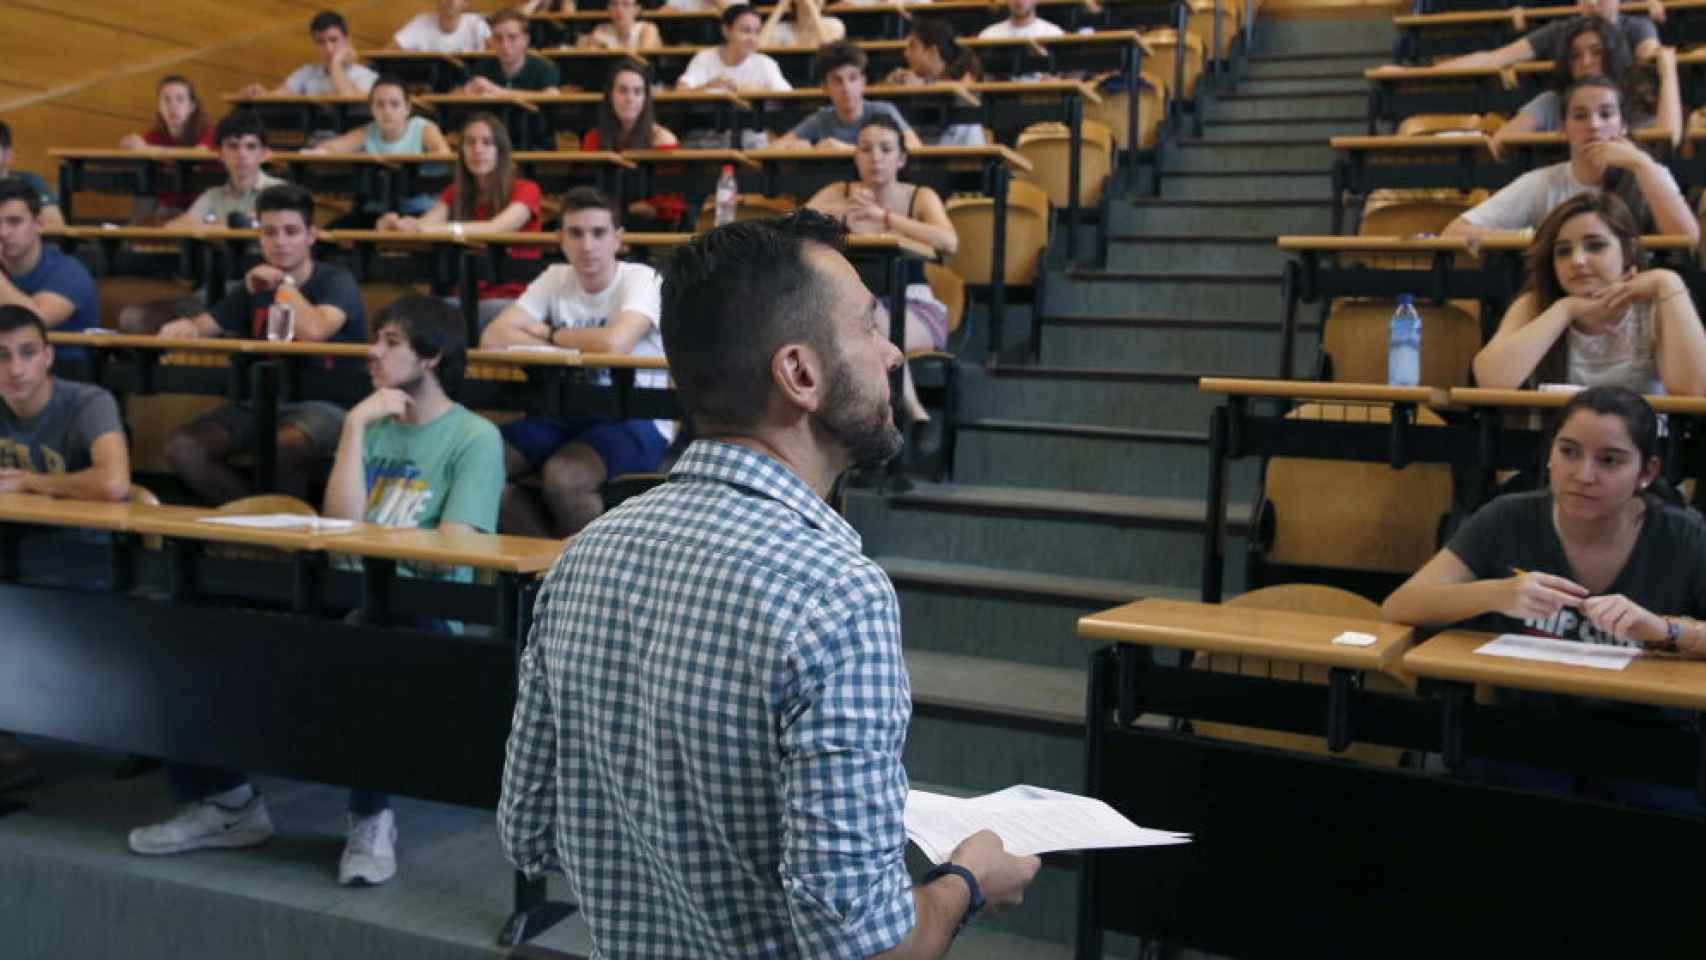 Estudiantes asisten a una clase en la Universidad Complutense de Madrid.